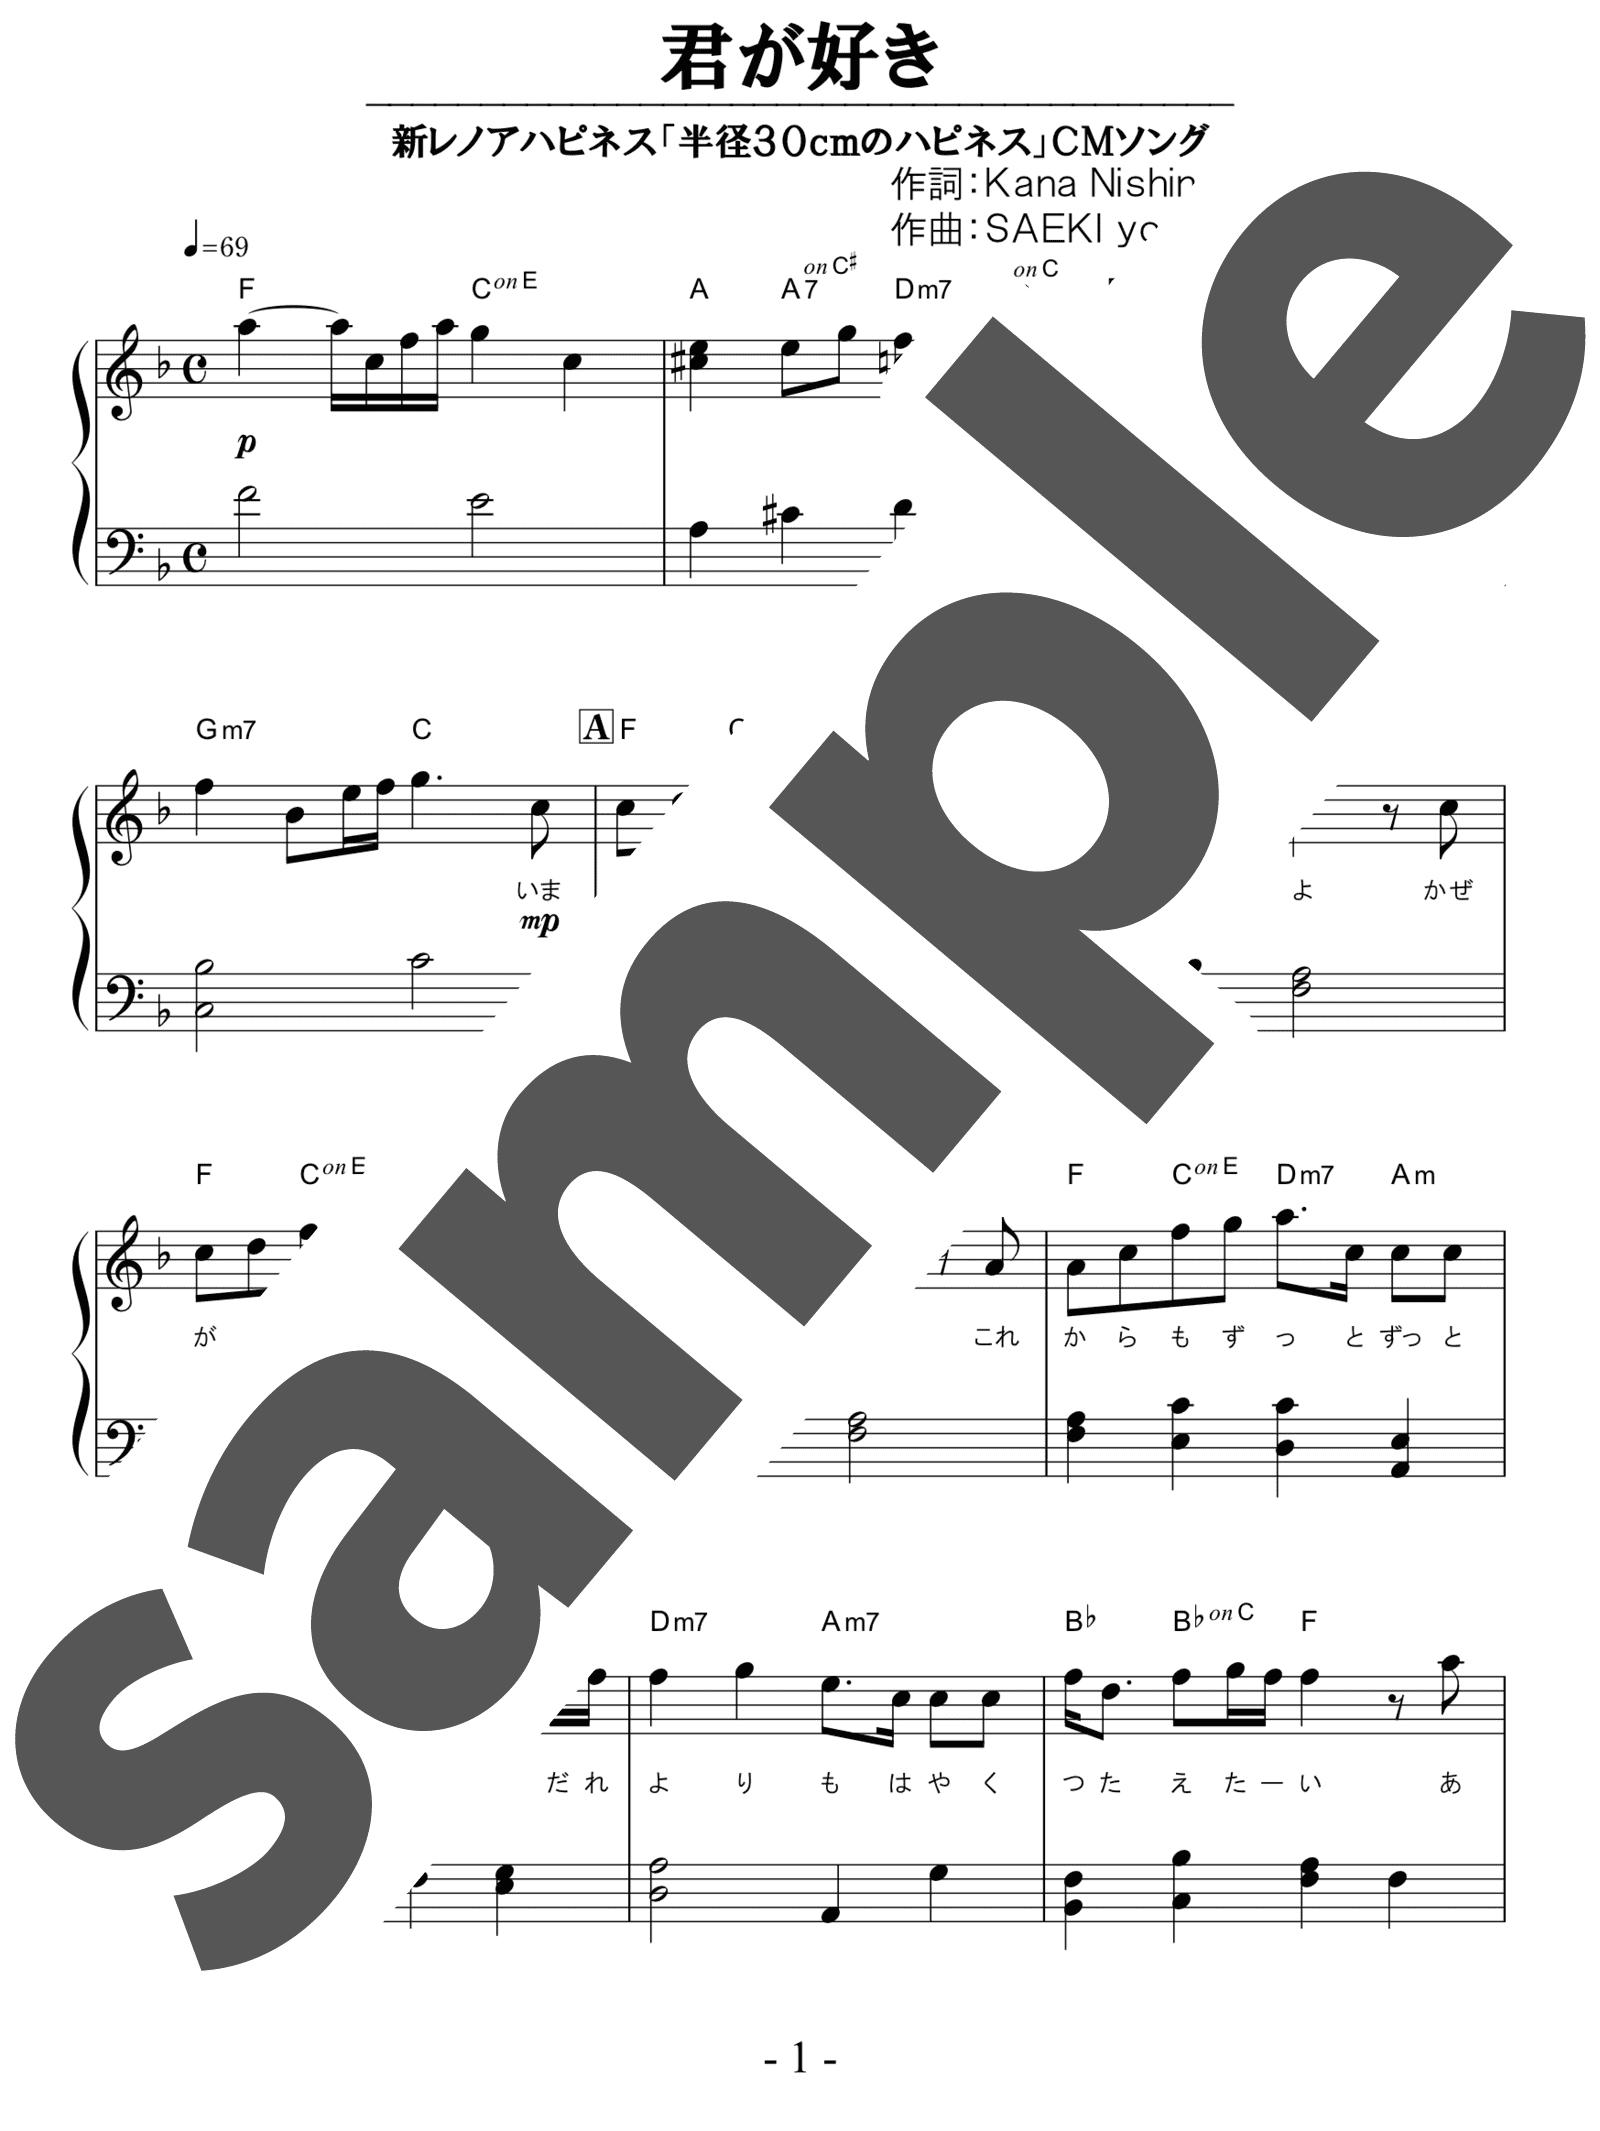 「君が好き」のサンプル楽譜